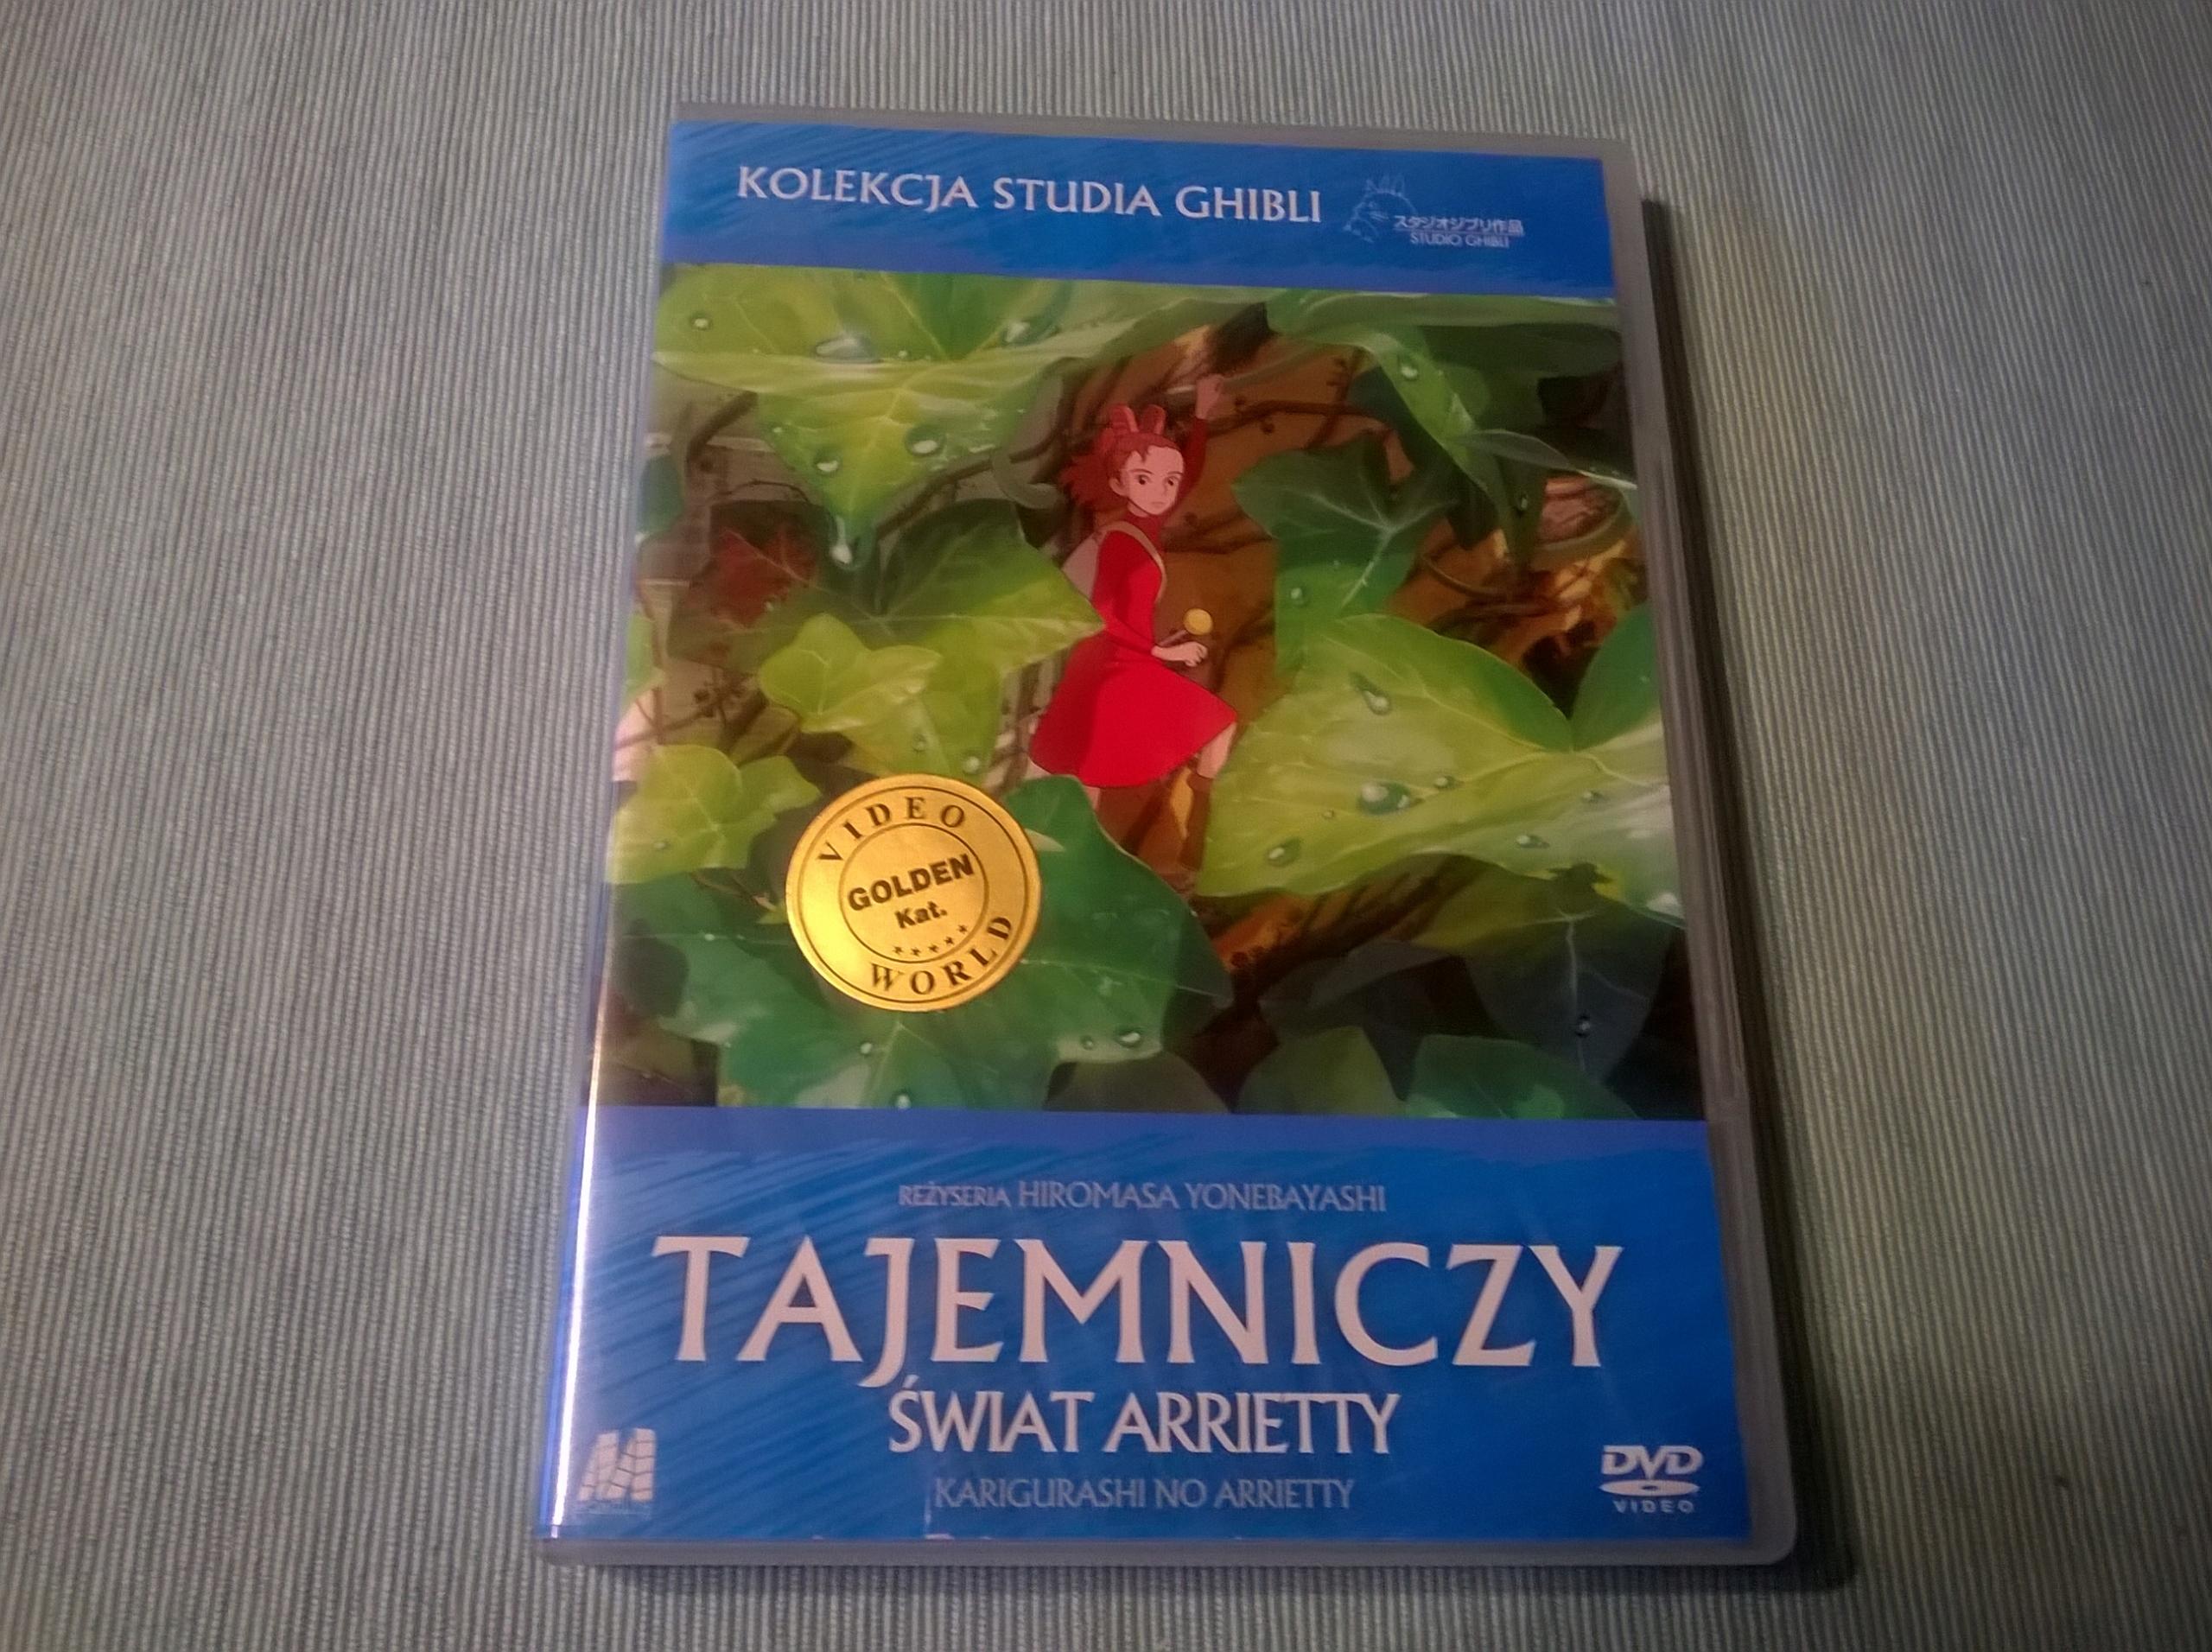 TAJEMNICZY ŚWIAT ARRIETTY (2010) Ghibli